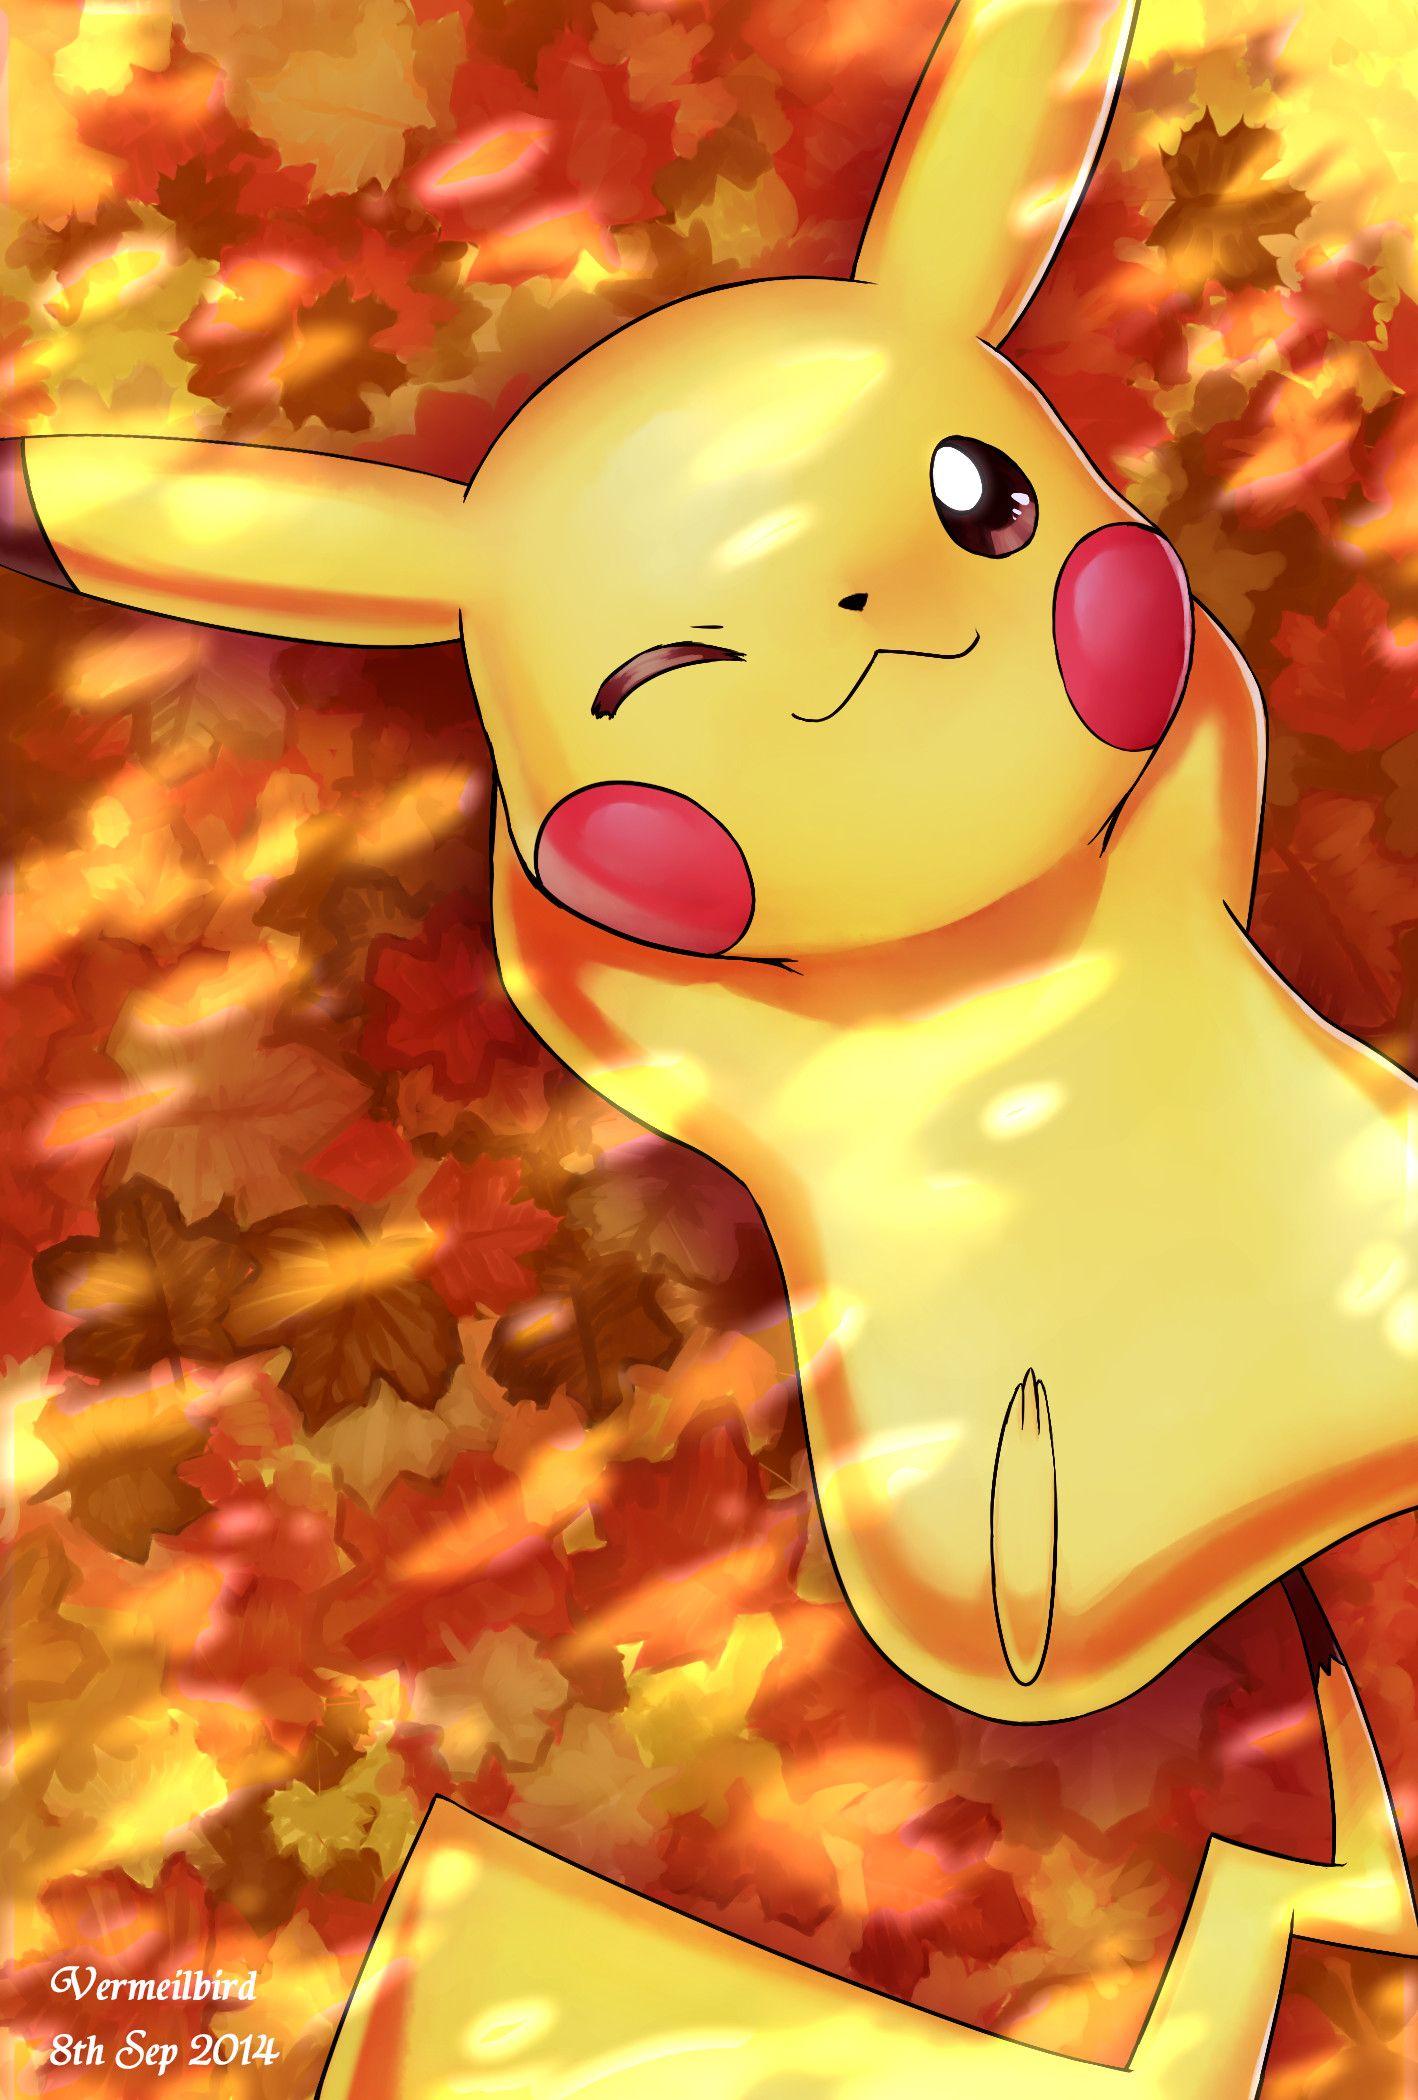 autumnbyvermeilbirdd7ybe6y 1418×2100  pikachu